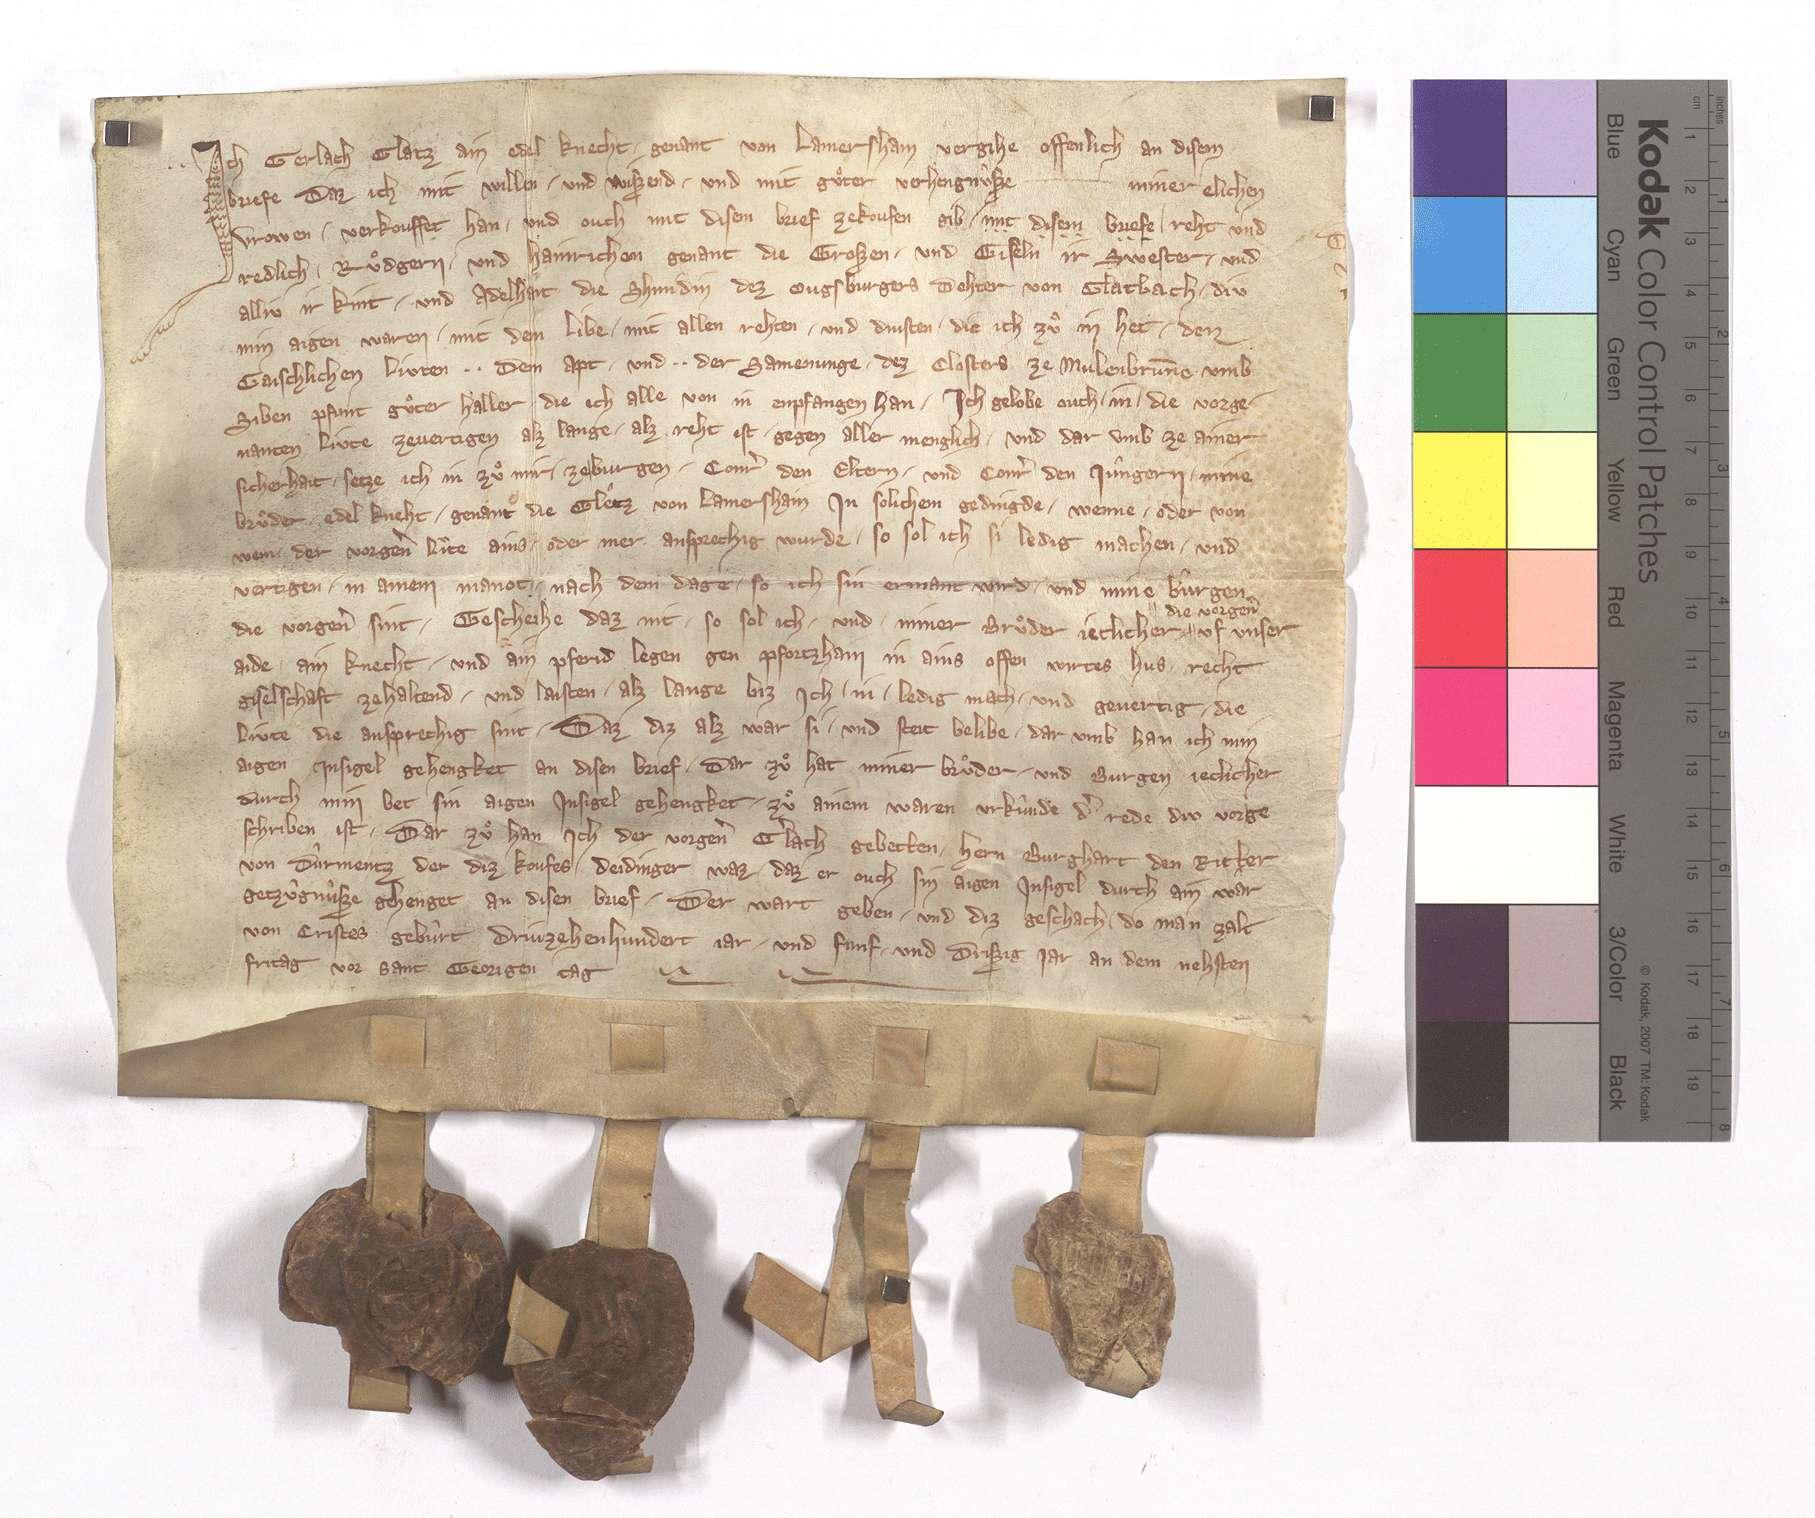 Gerlach Glatz von Lomersheim verkauft dem Kloster Maulbronn seine Leibeigenen in Glattbach (Glatbach)., Text